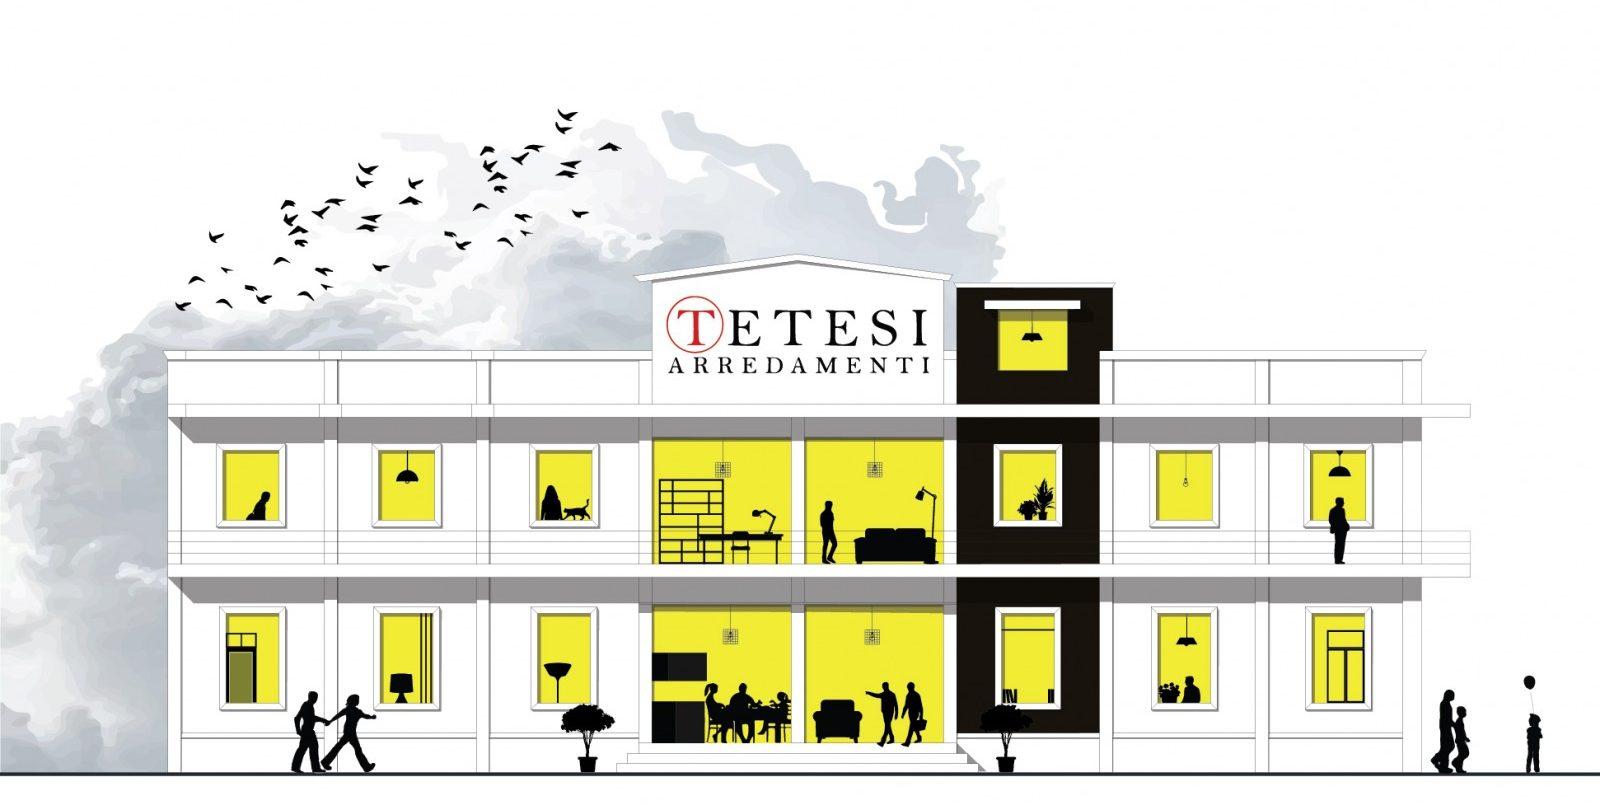 Negozi Arredamento Bari E Provincia tetesi arredamenti   arredamento moderno, classico e